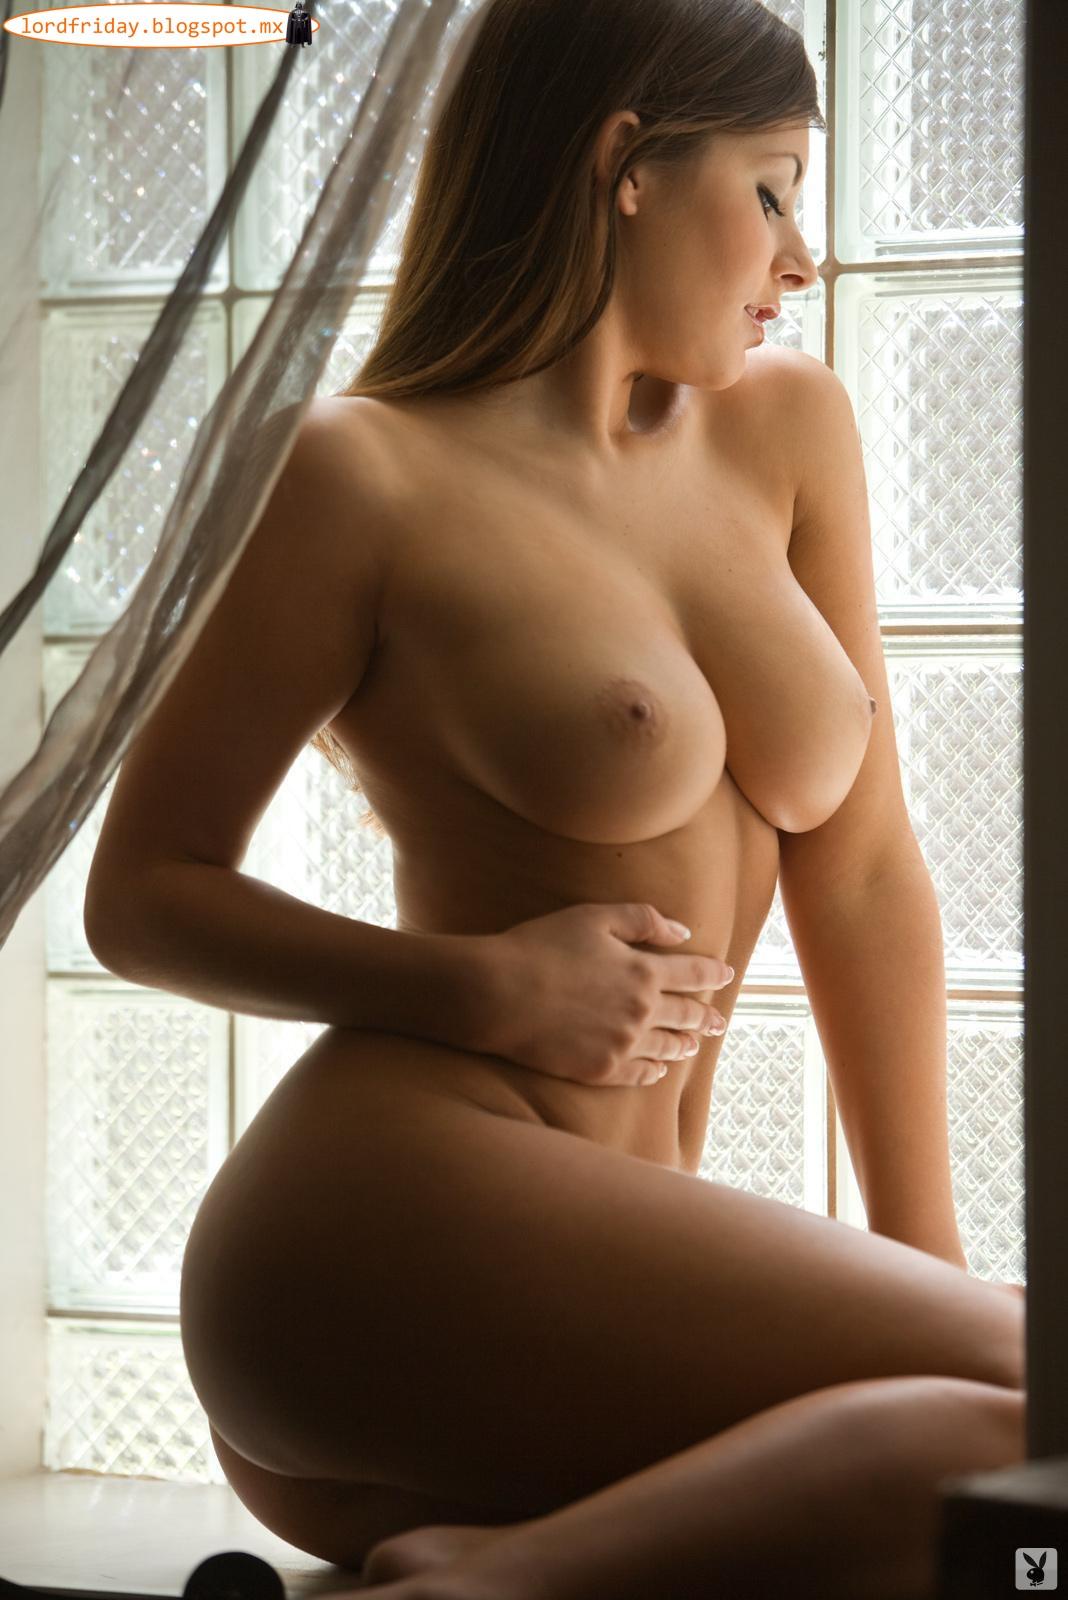 Hot girl Nude nipple